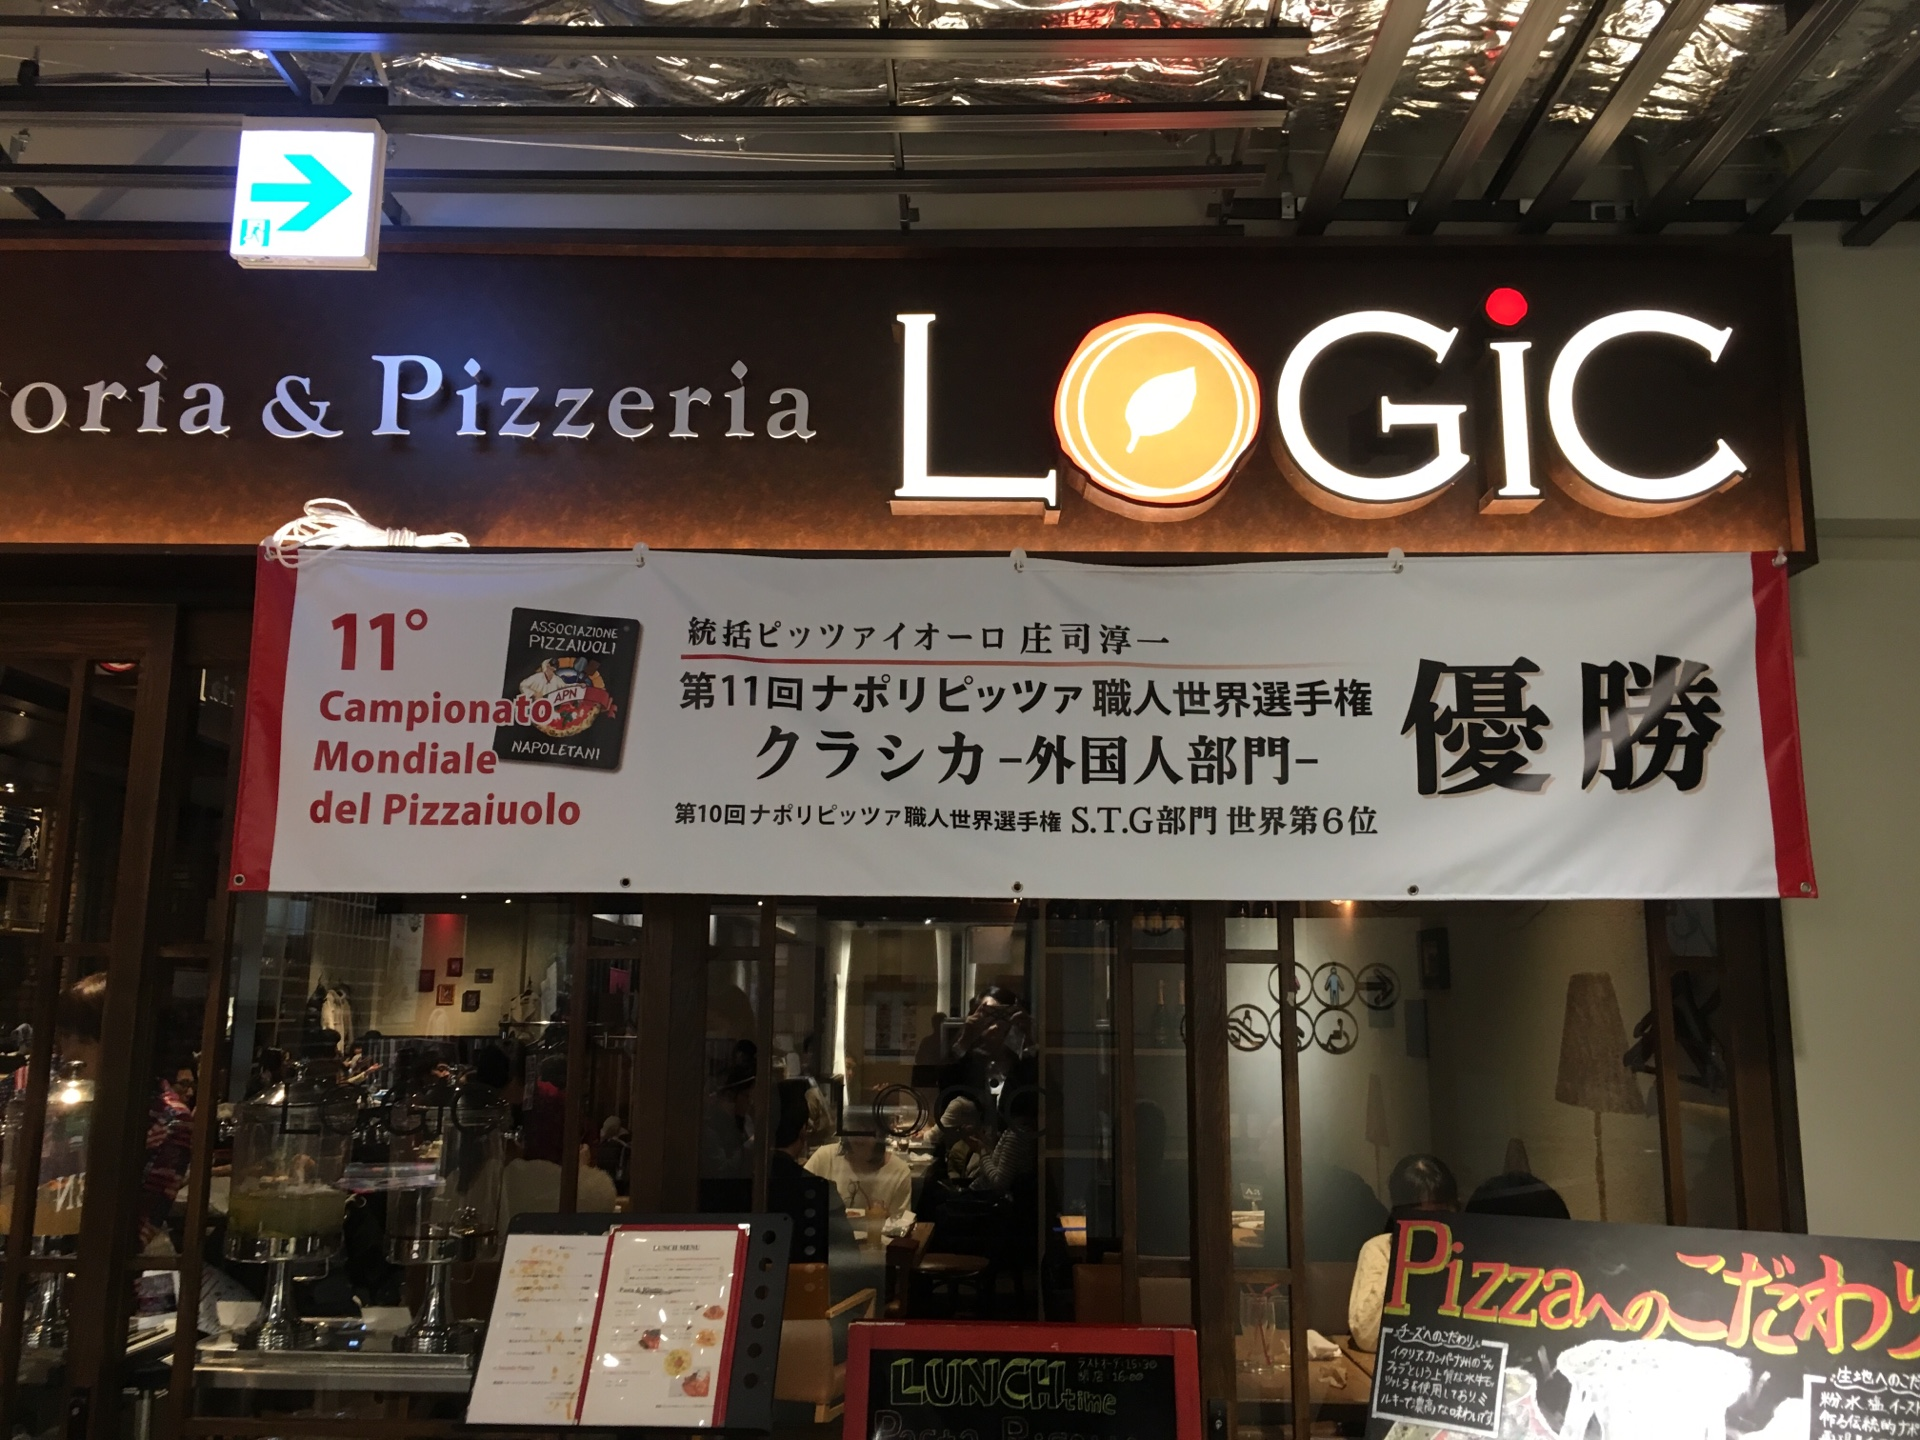 【池袋駅】カジュアルイタリアン「LOGIC 池袋東口」で本格ピザを堪能!の店内入口にある優勝の案内